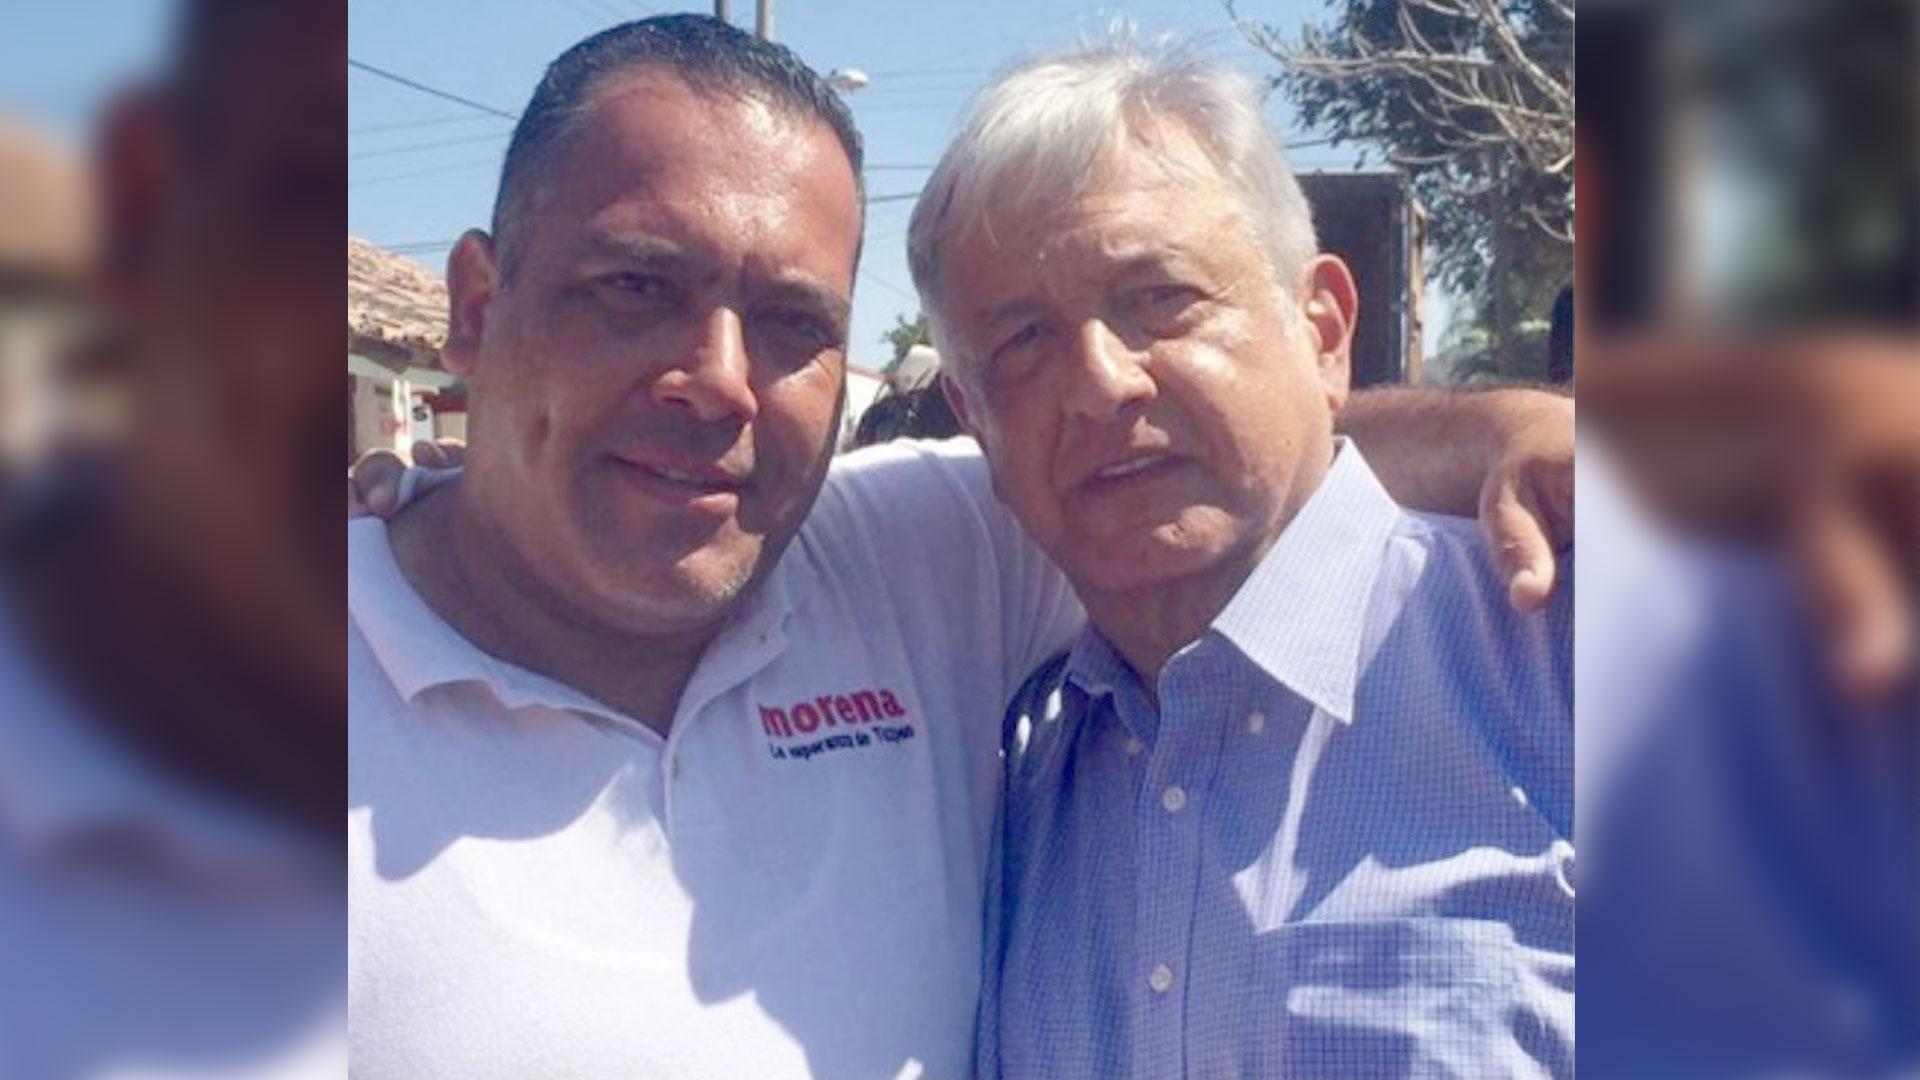 Márquez fue reportado como desaparecido antes de confirmarse su asesinato (Fotos: Facebook Alejandro Márquez)